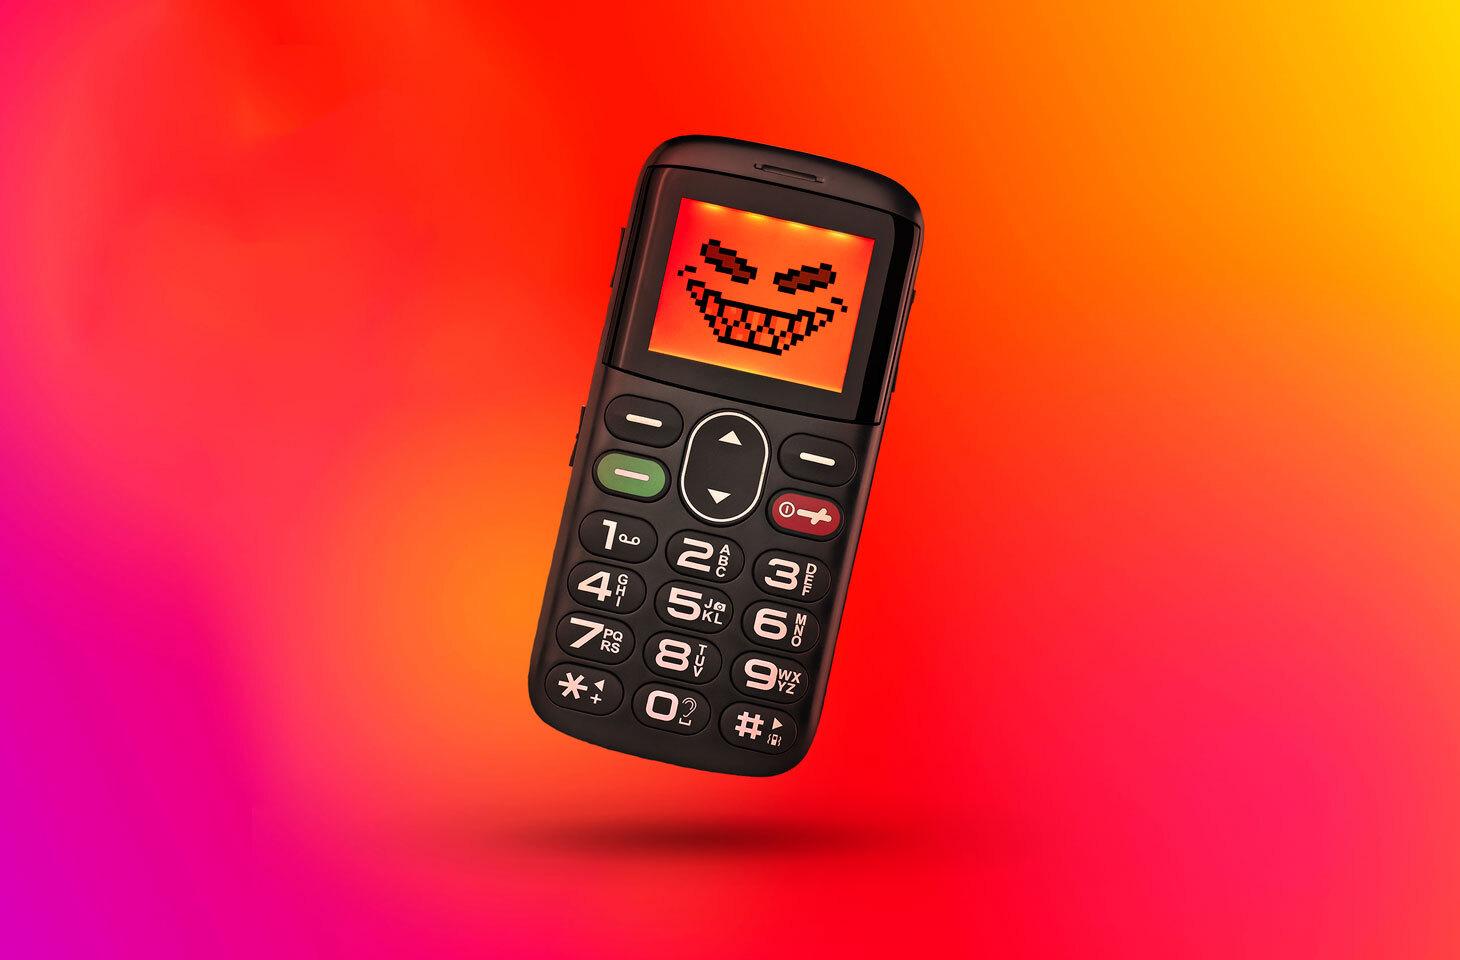 Les téléphones basiques ne sont pas inoffensifs | Blog officiel de Kaspersky